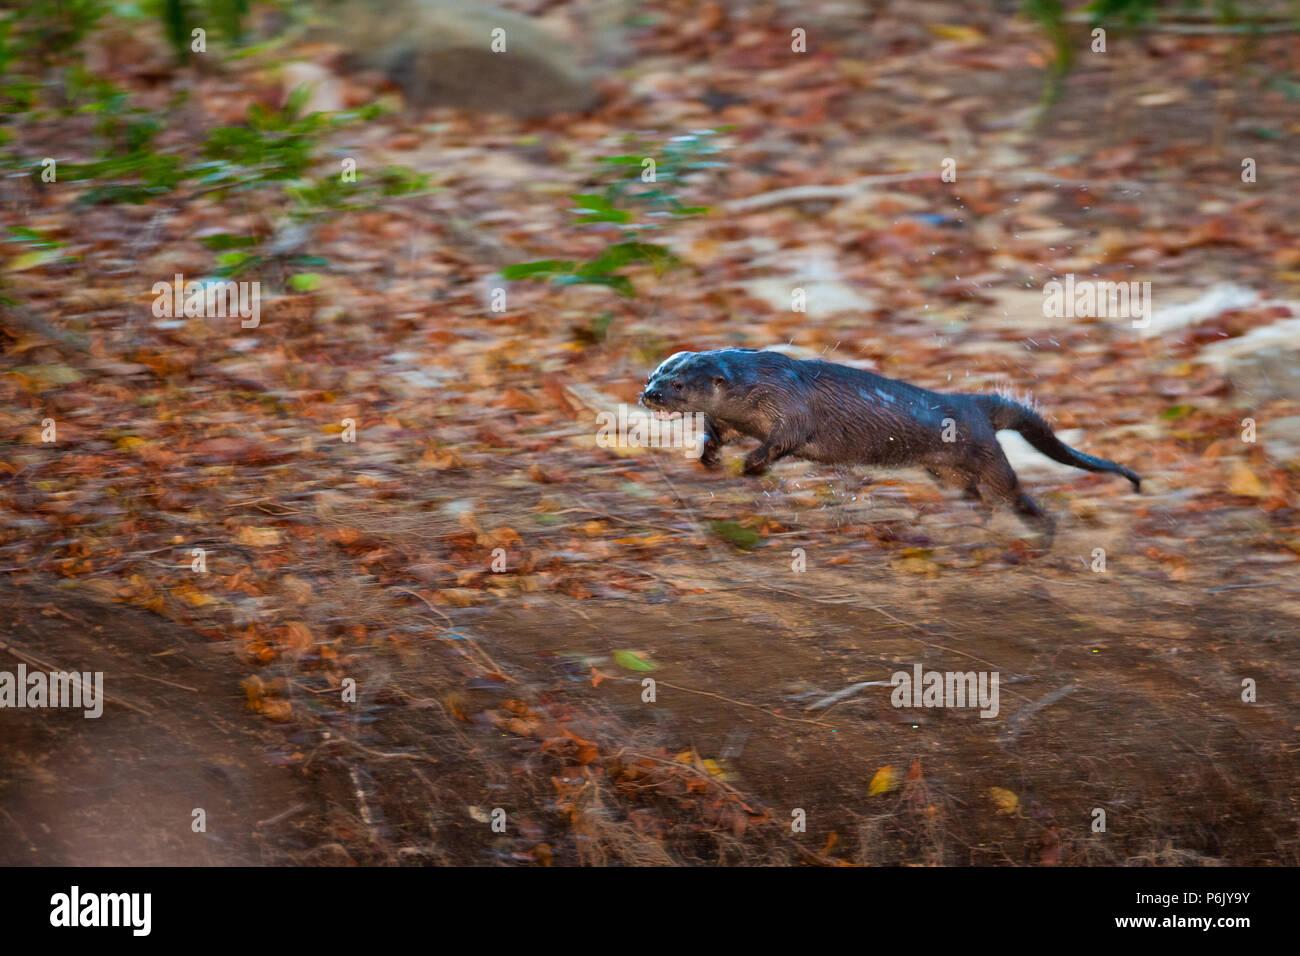 La loutre néotropicale, Lontra longicaudis, longeant une rivière de la province de Cocle, République du Panama. Banque D'Images